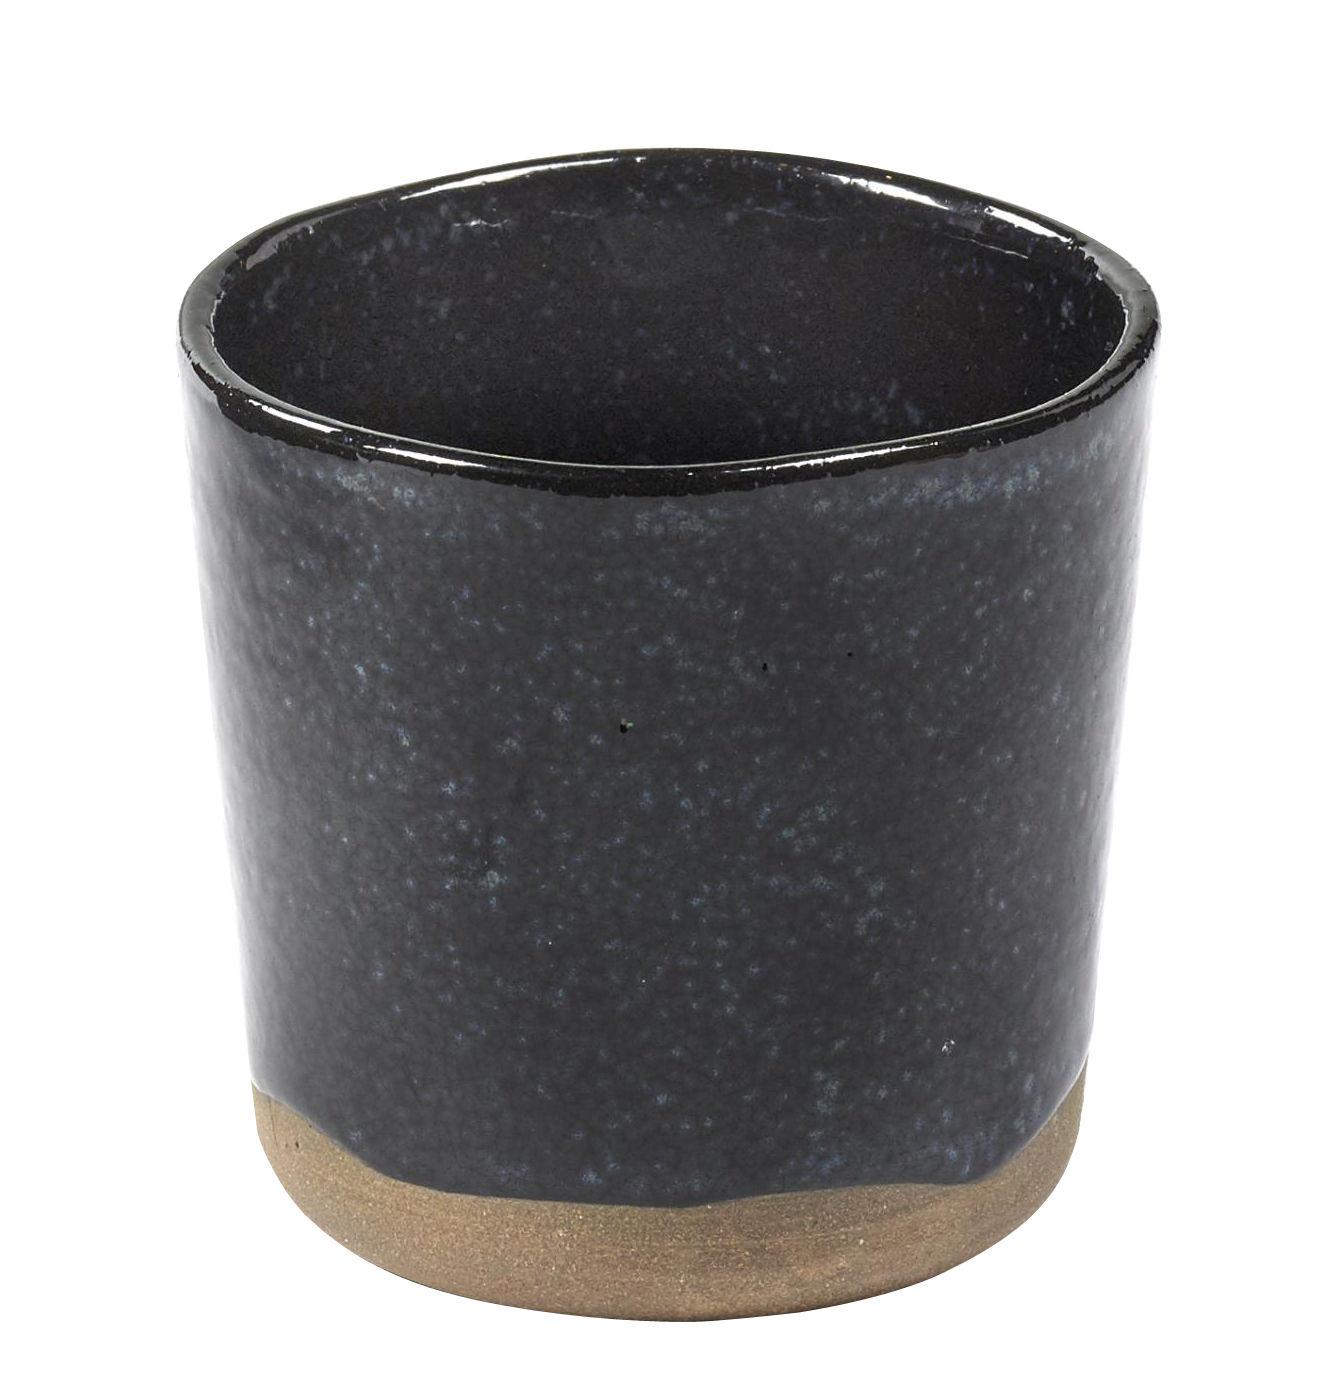 Arts de la table - Tasses et mugs - Tasse La Nouvelle Table n°9 / Grès - Fait main - Serax - Bleu foncé - Grès émaillé